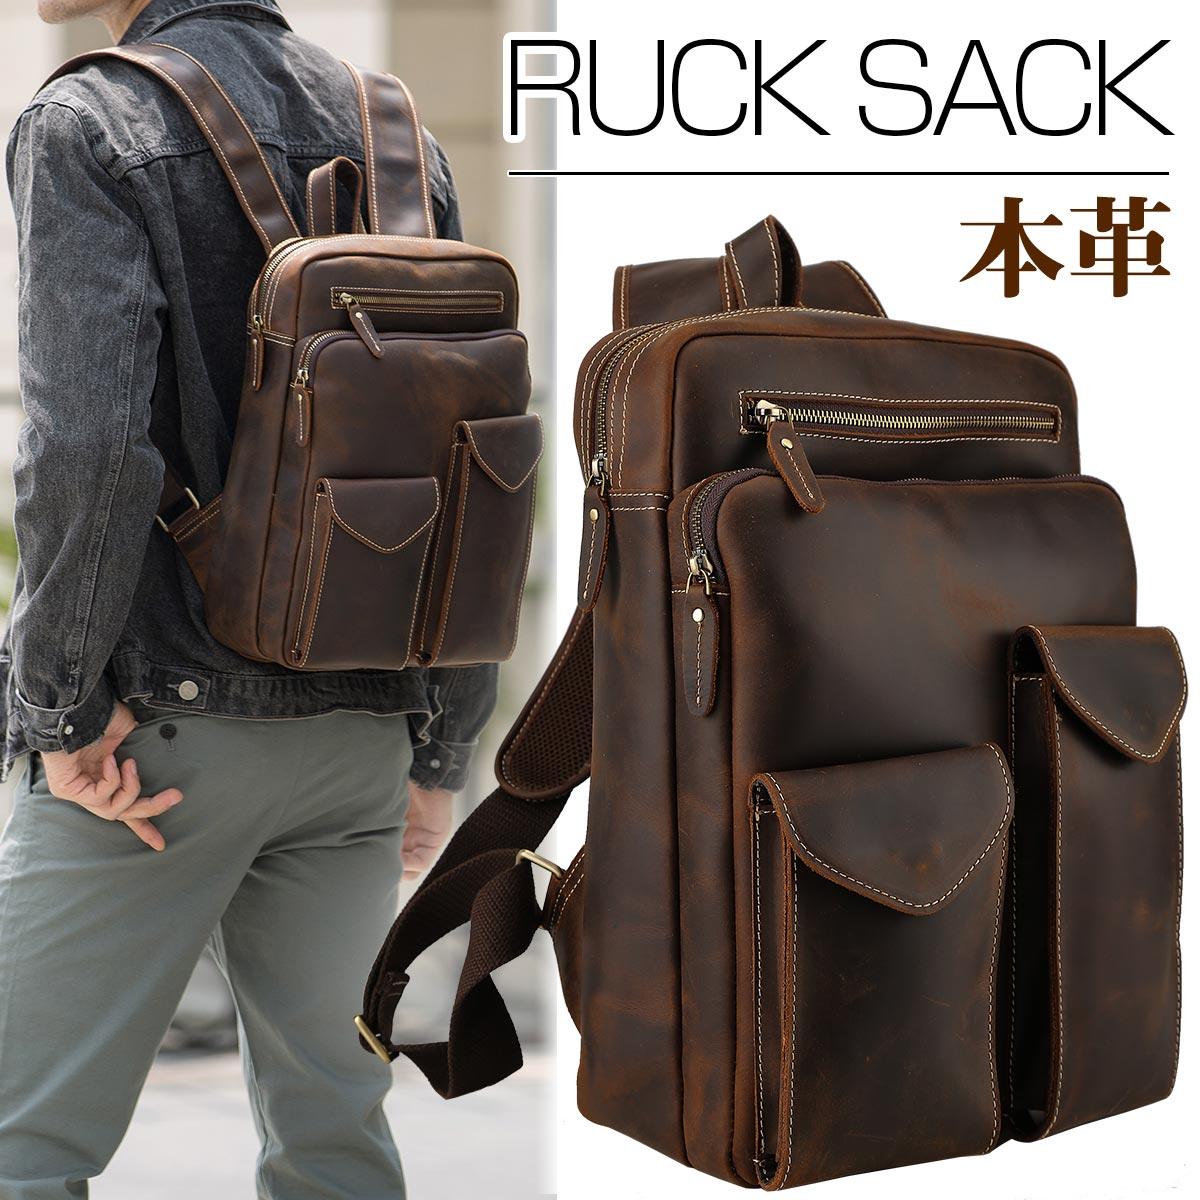 TIDING メンズ 本革 リュックサック バックバッグ デイパック 厚手牛革 14PC A4対応 2WAY アンティーク風 旅行 鞄 ダークブラウン